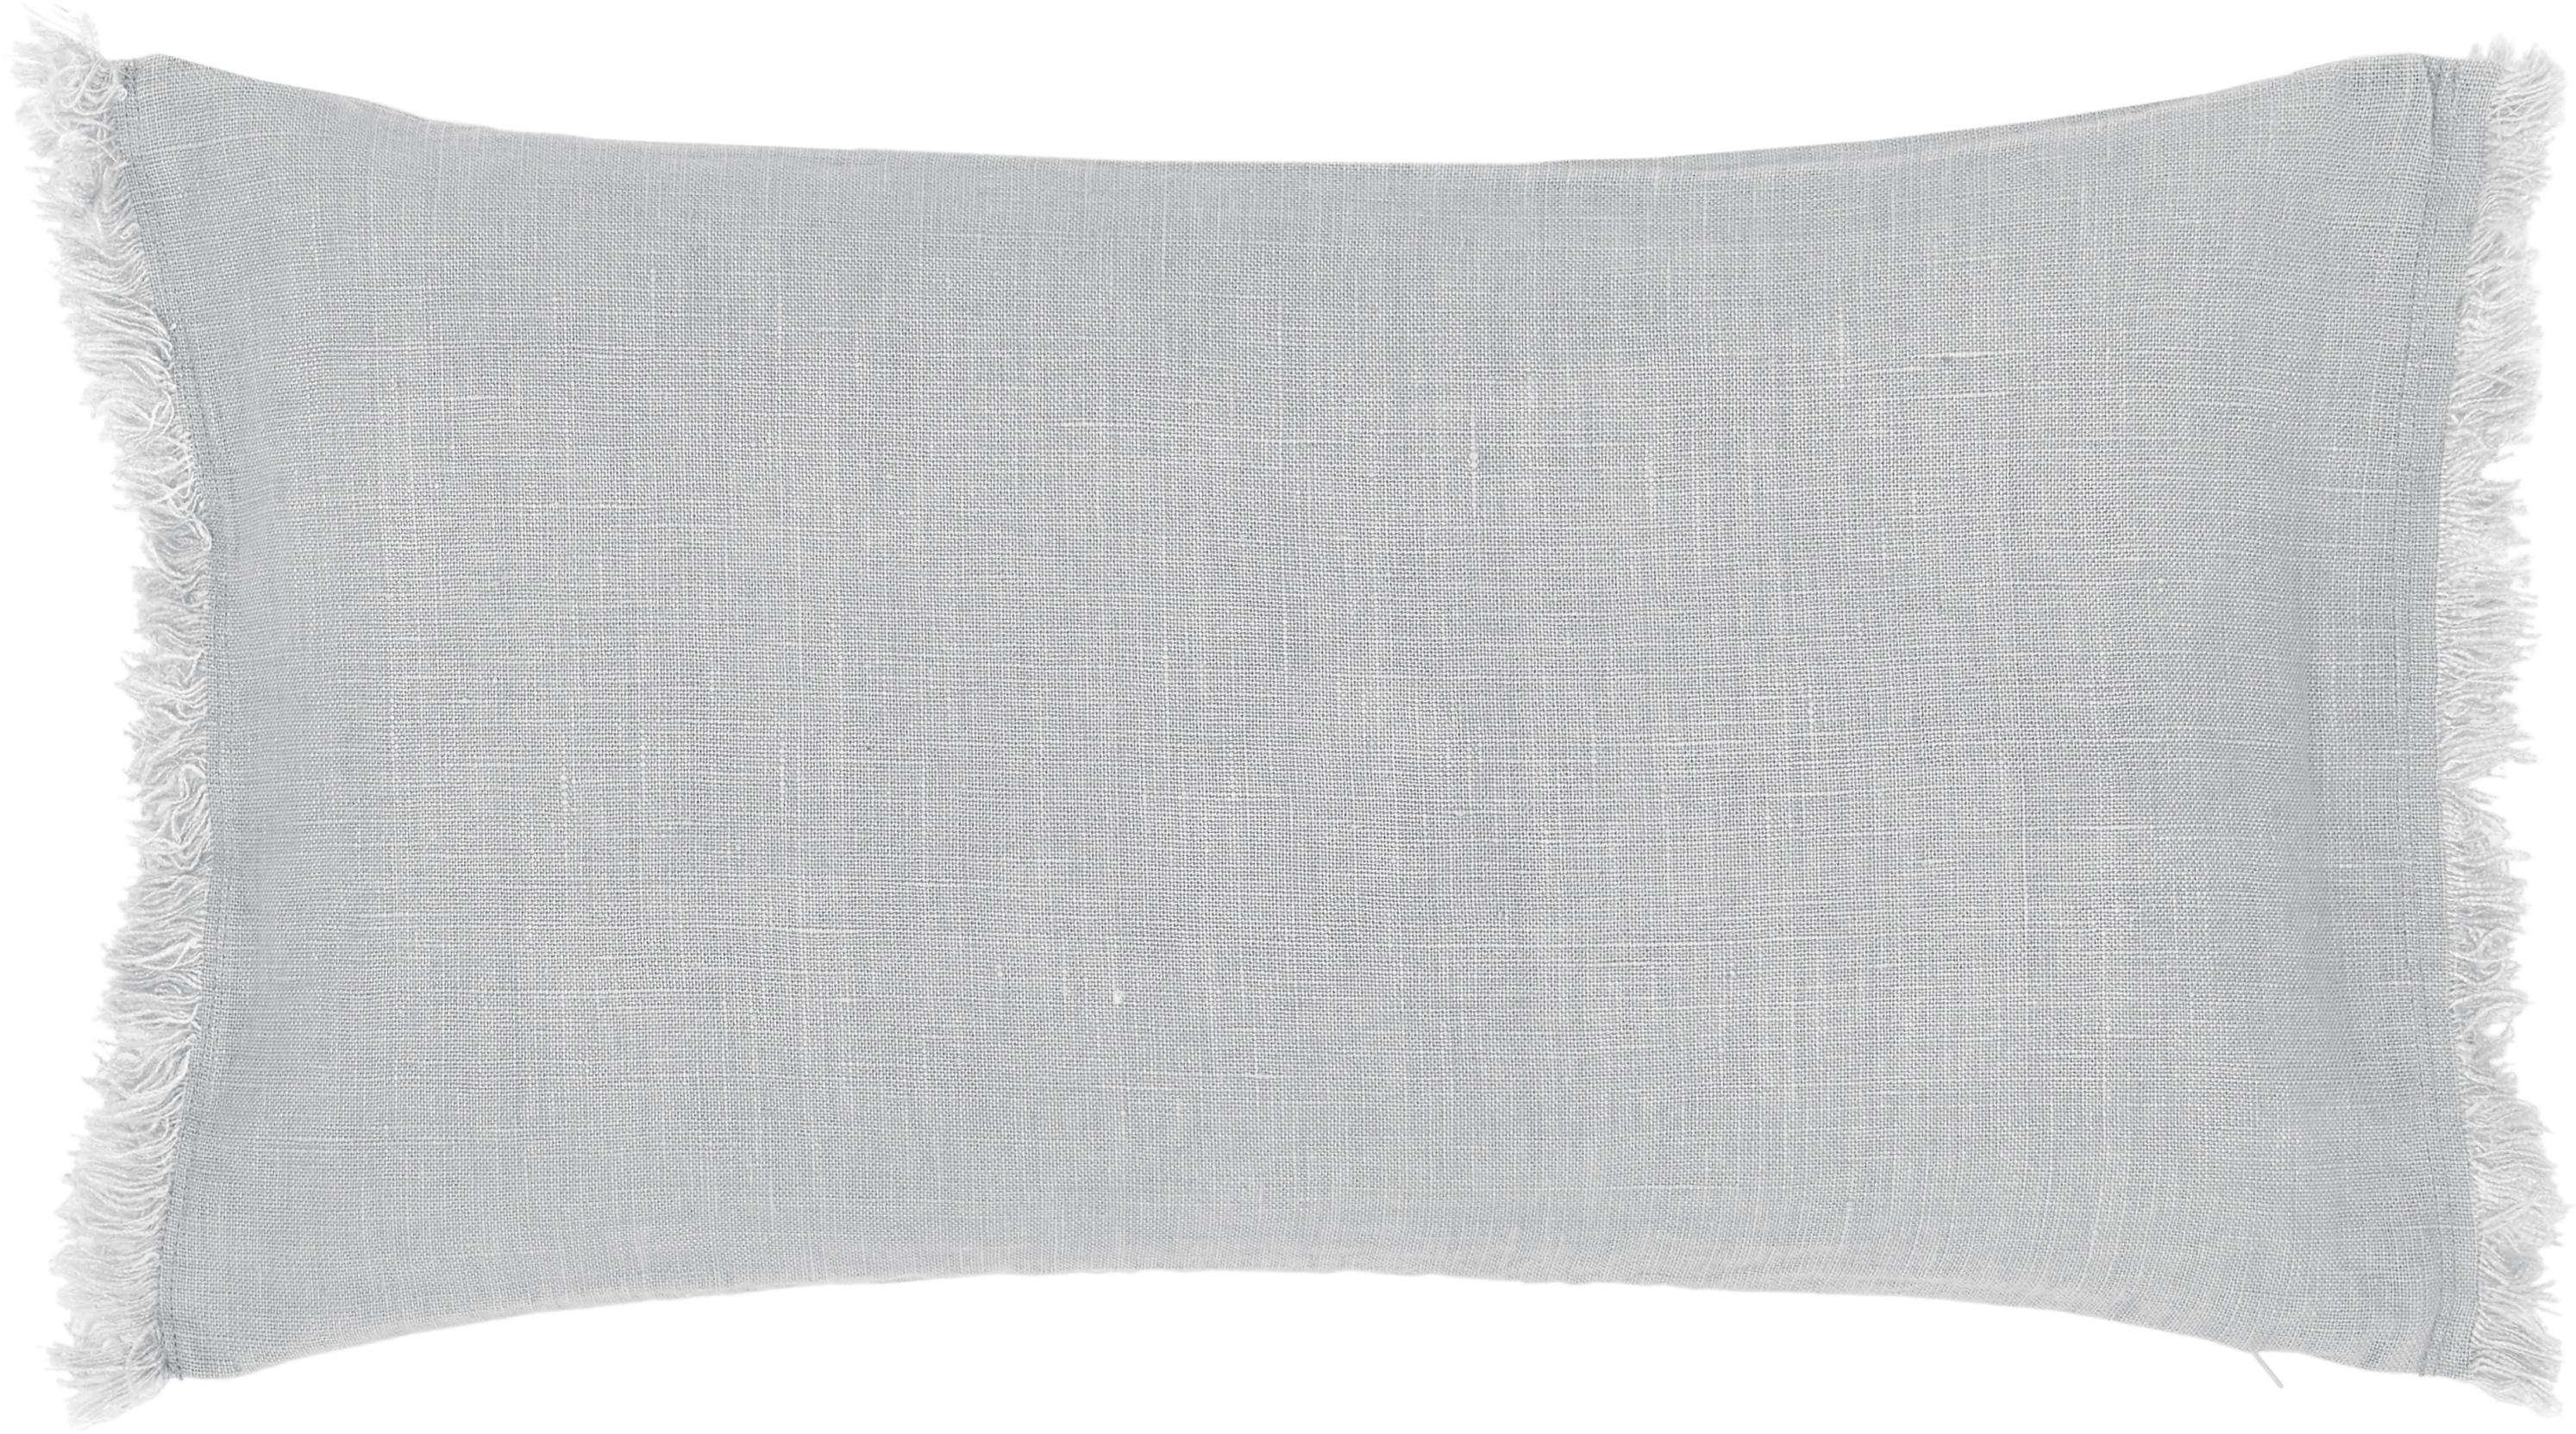 Federa arredo in lino grigio chiaro con frange Luana, 100% lino, Grigio chiaro, Larg. 30 x Lung. 50 cm